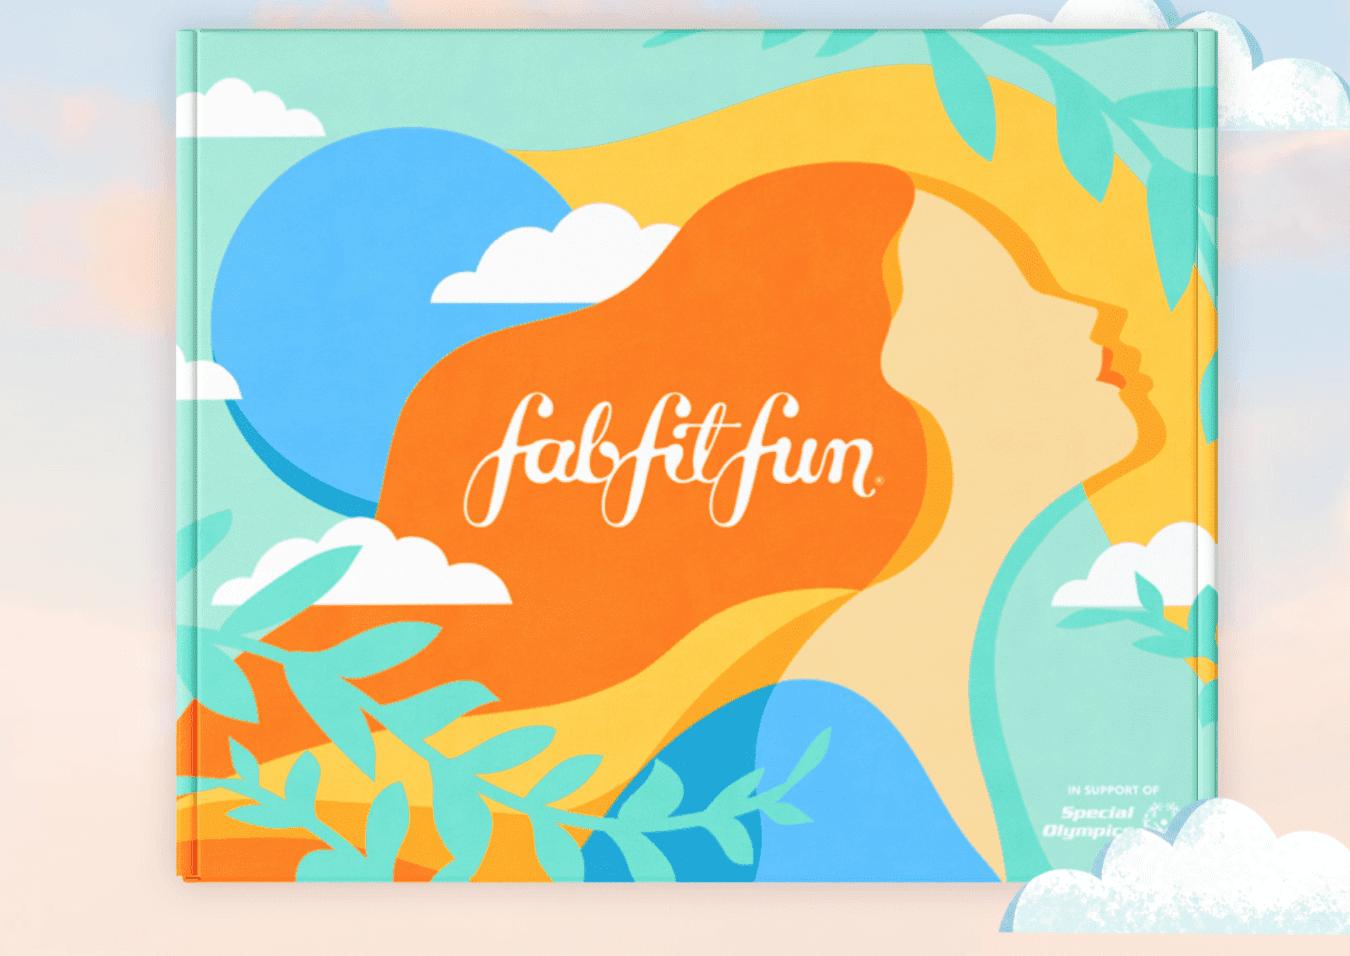 HOT! FabFitFun SUMMER 2020 Box – SPOILERS!